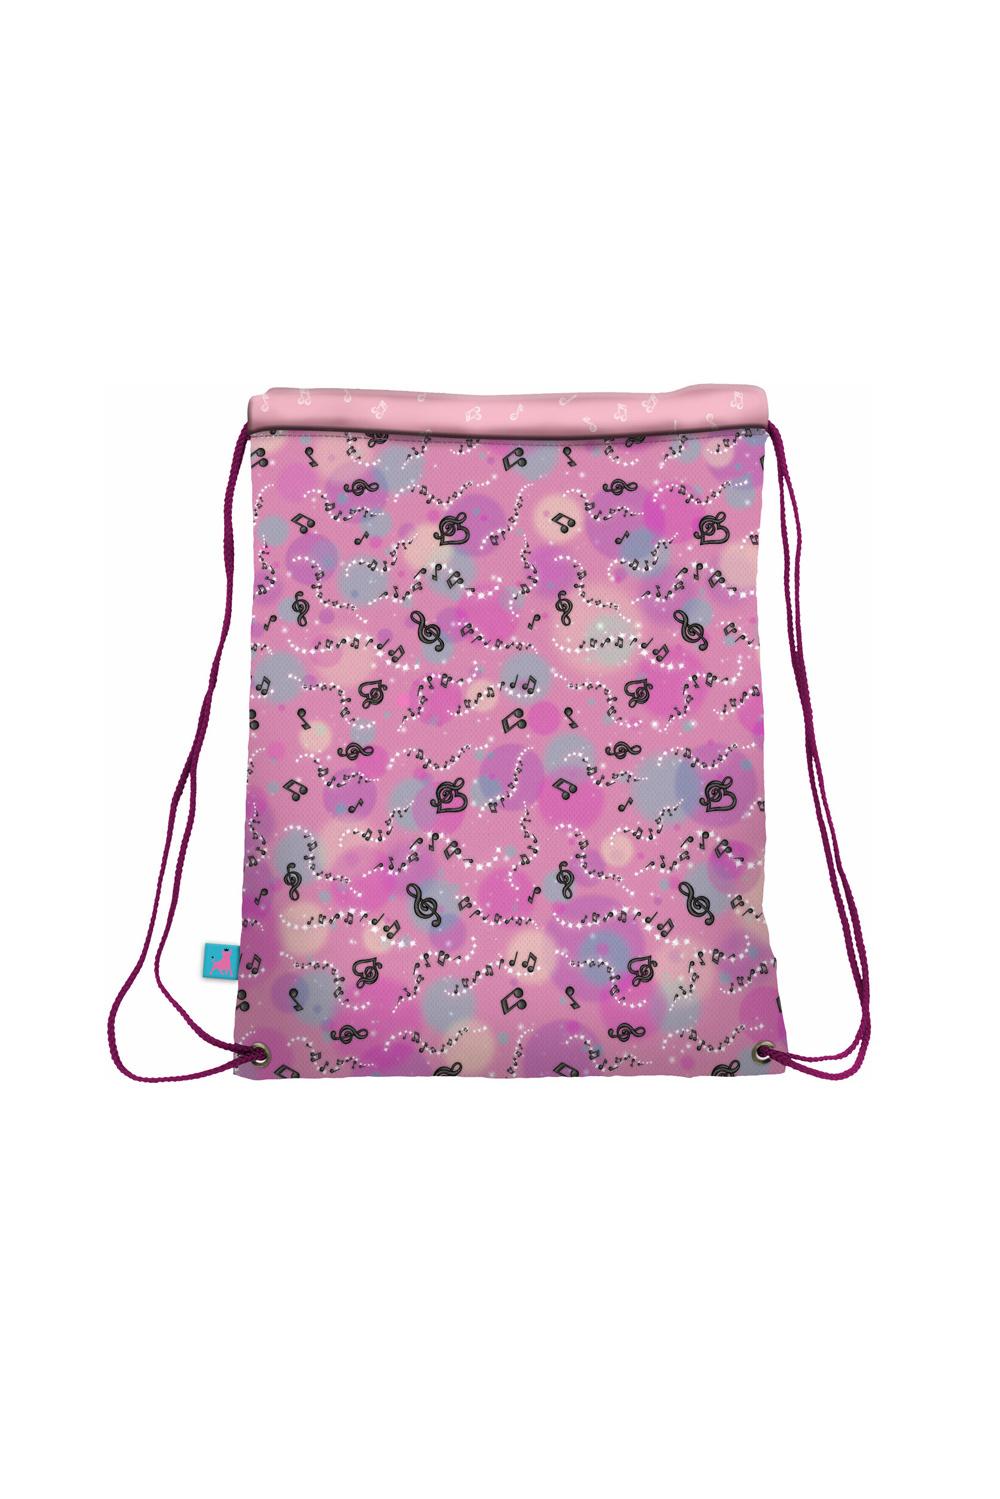 Santoro pink tighten drawstring bag Gorjuss Dancing Among The Stars